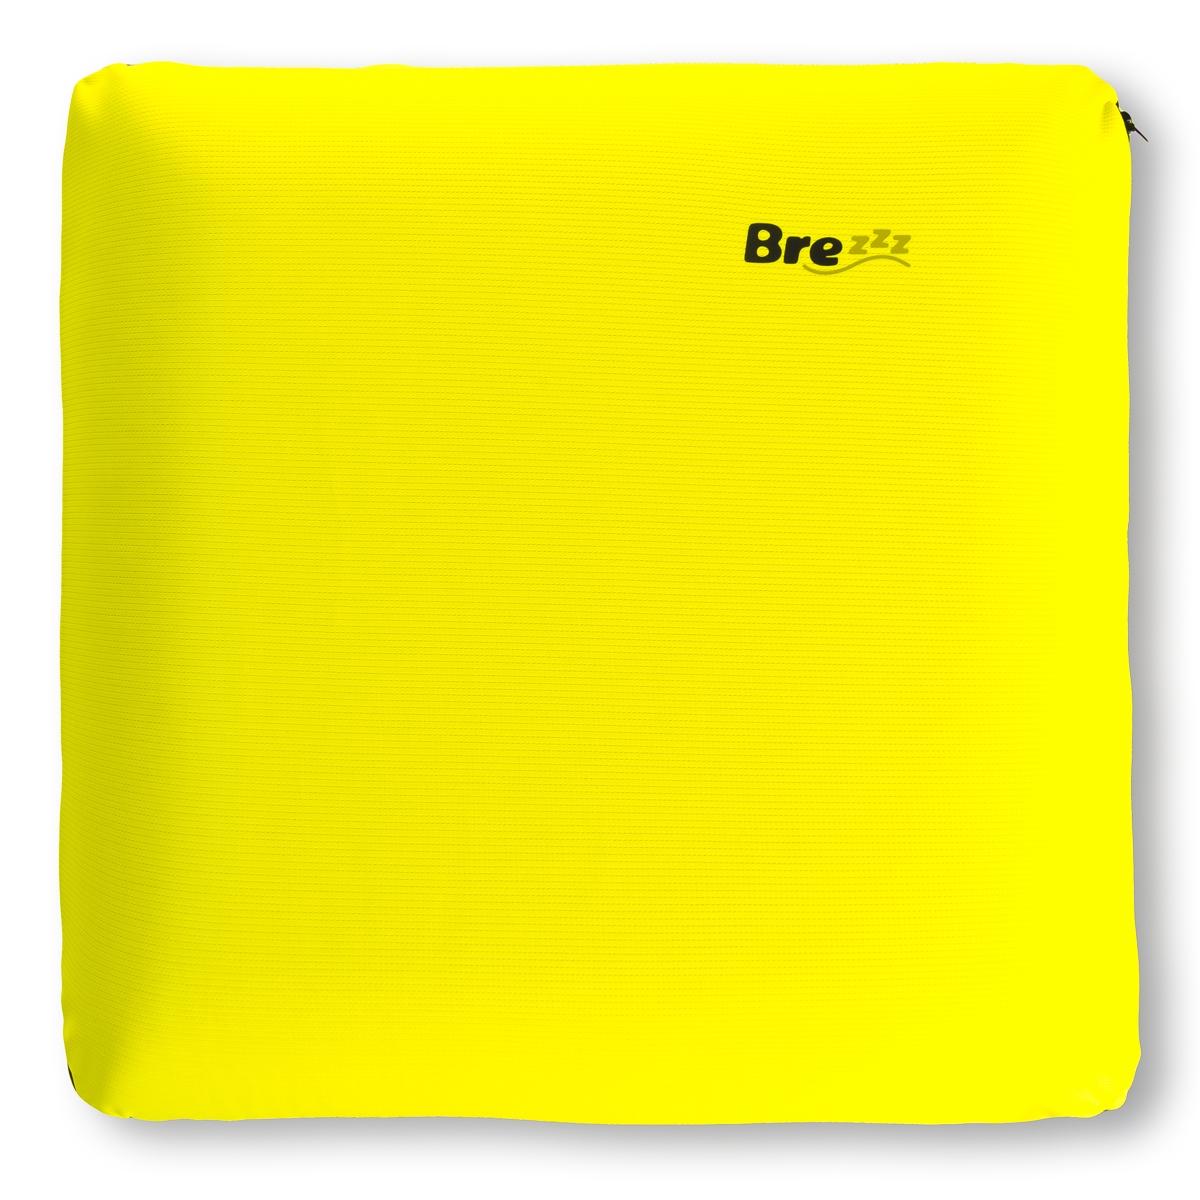 Brezzz (9 de 90)